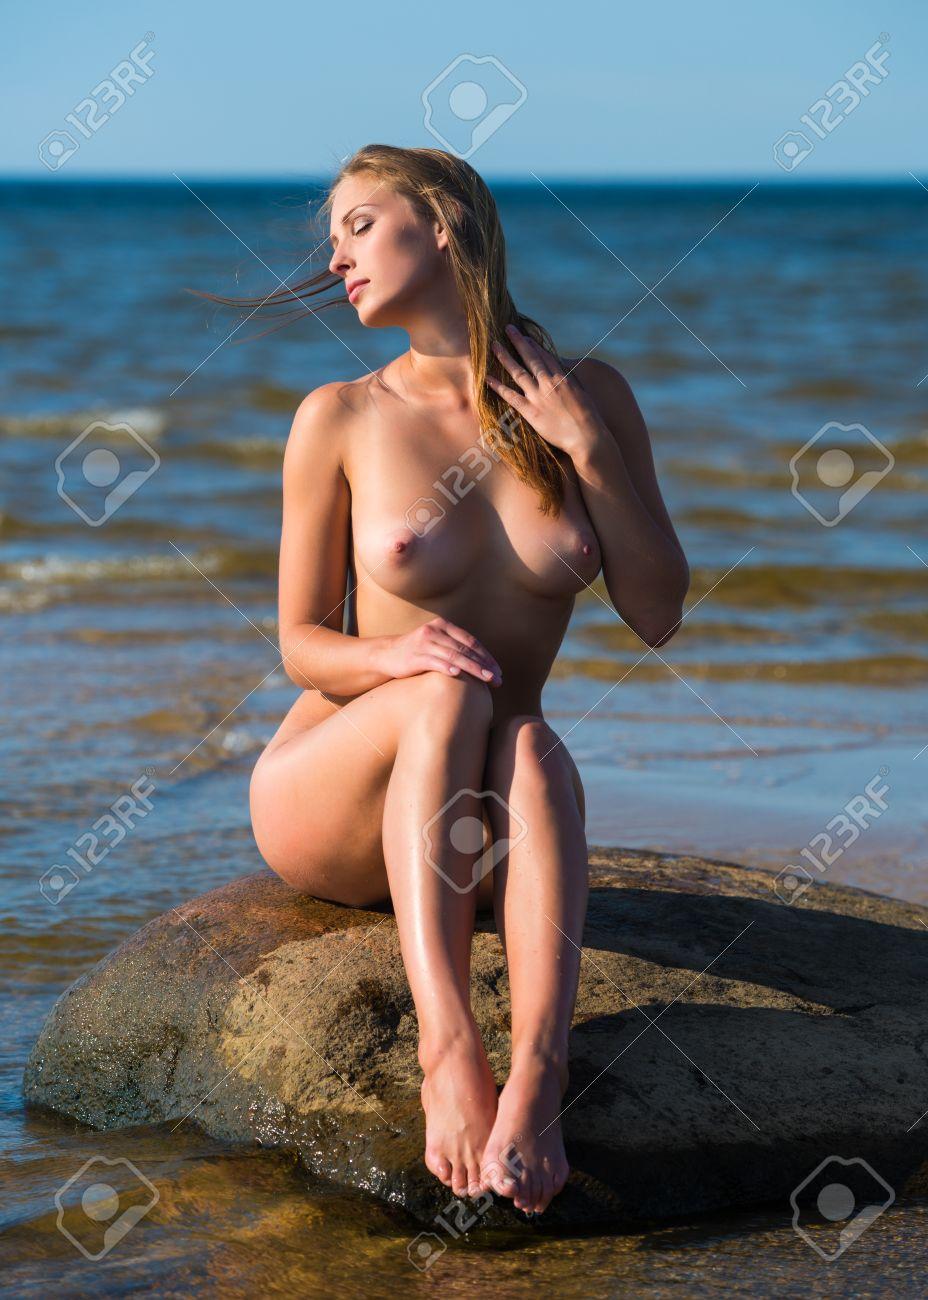 Beautiful naked women on beach